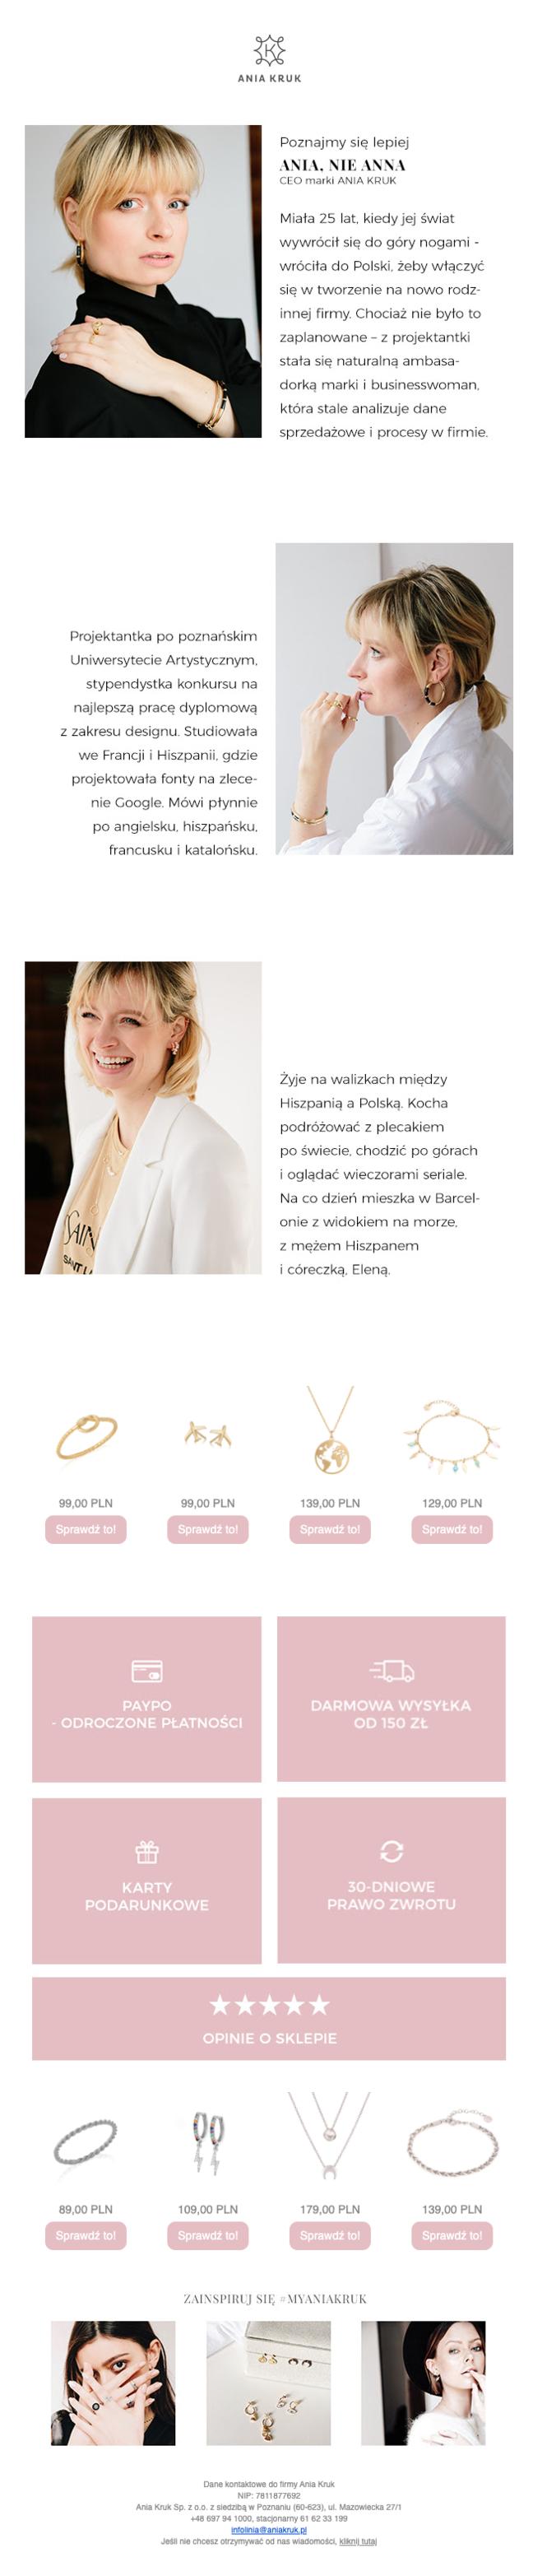 newsletter - przykłady, co wysłać w newsletterze: opowieść, Ania Kruk